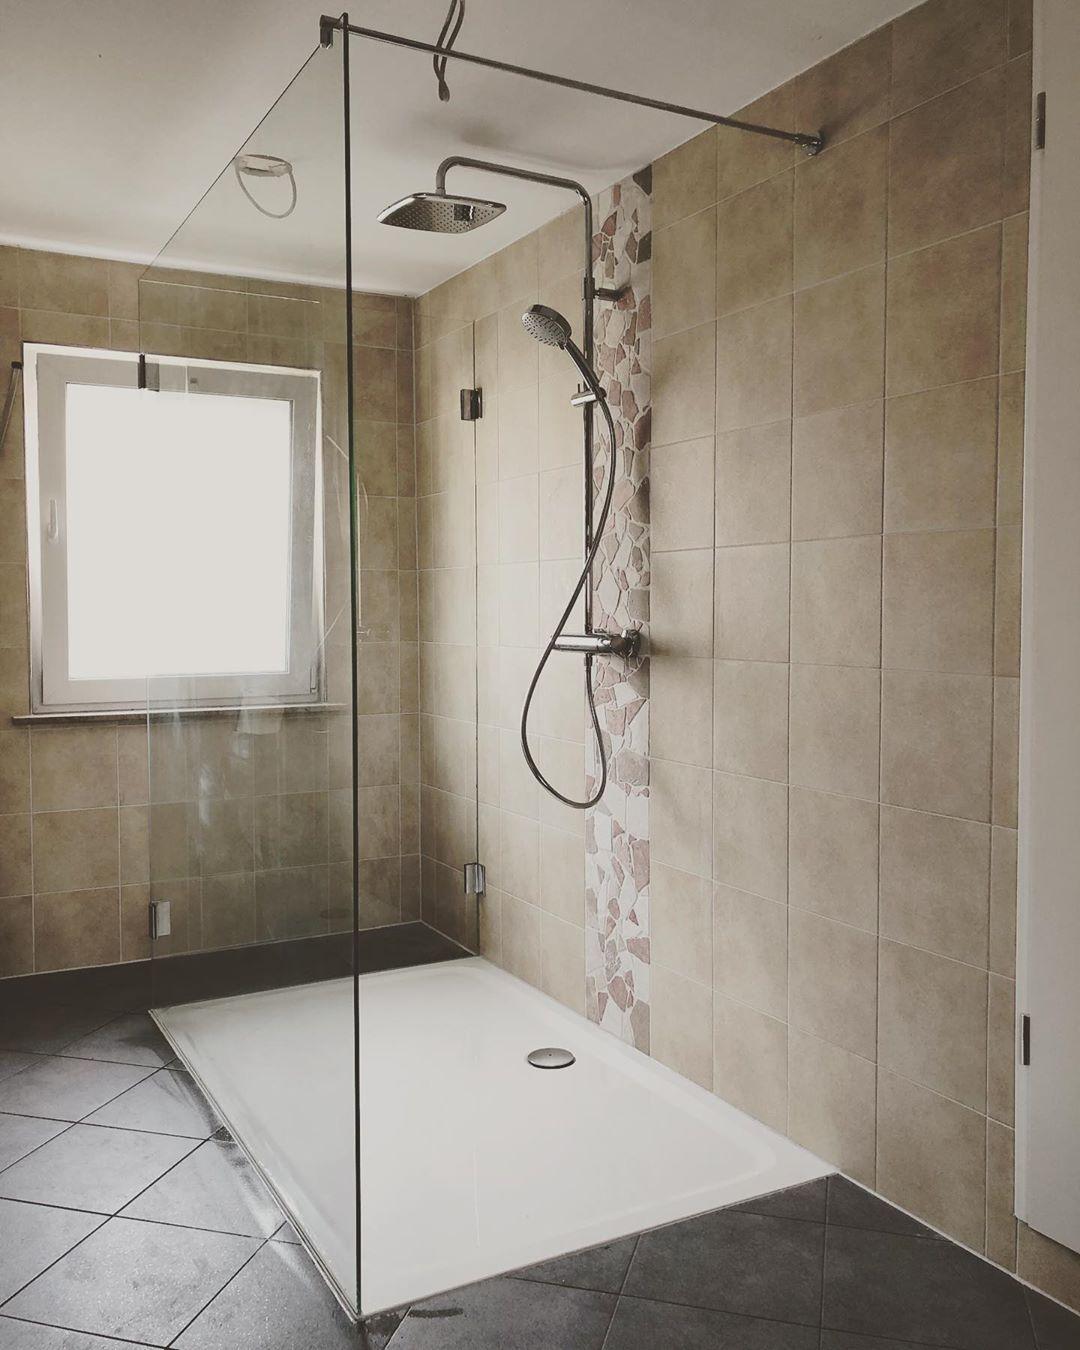 Grosse Zweiteilige Walk In Dusche Multiglas Glaserei Meisterbetrieb Lindhorst Colbitz Genthin Wolmirstedt Barleben Hal Bathtub Bathroom Alcove Bathtub